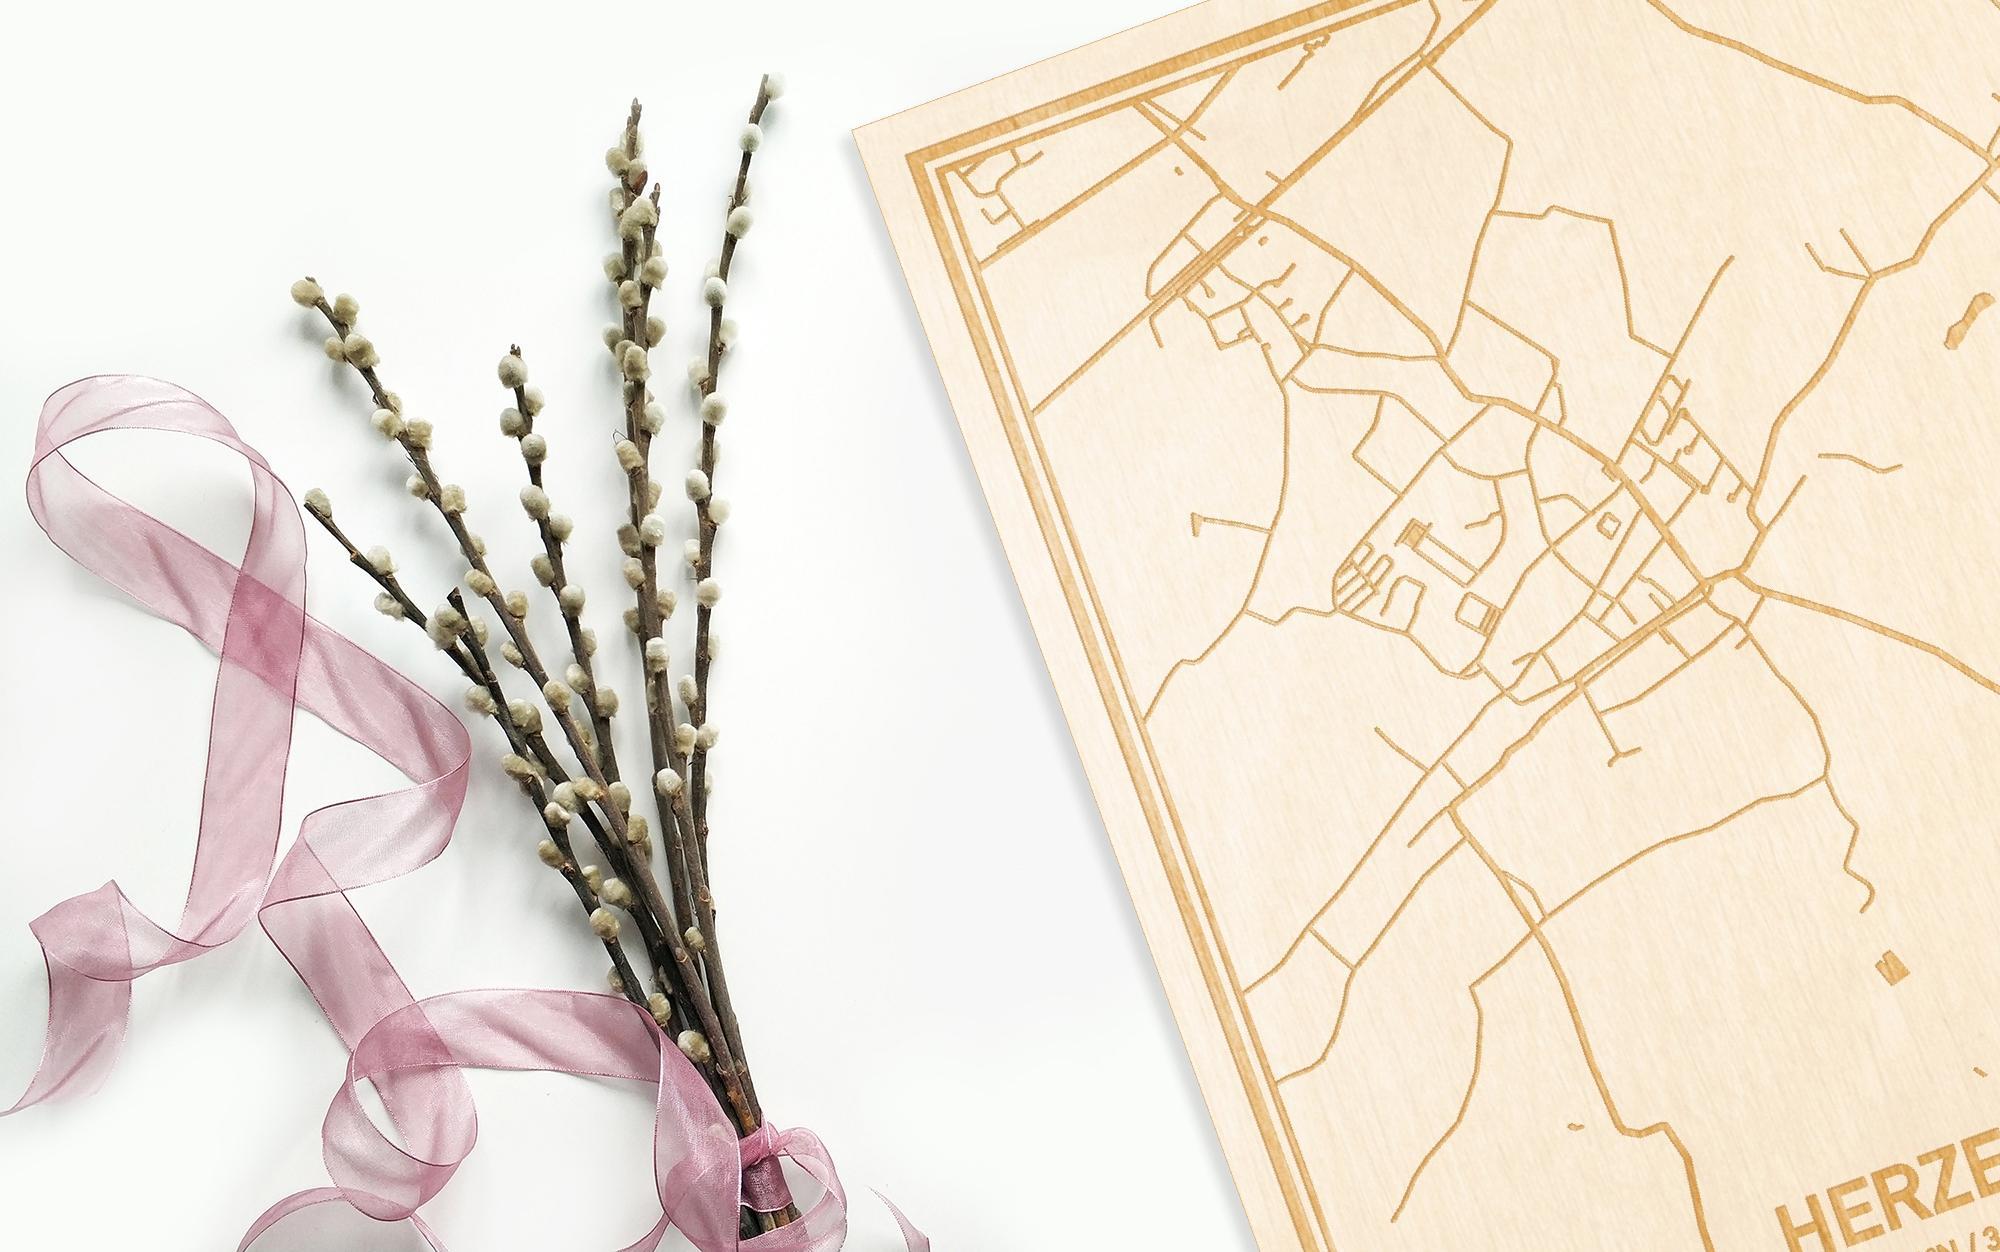 Hier ligt de houten plattegrond Herzele naast een bloemetje als gepersonaliseerd cadeau voor haar.